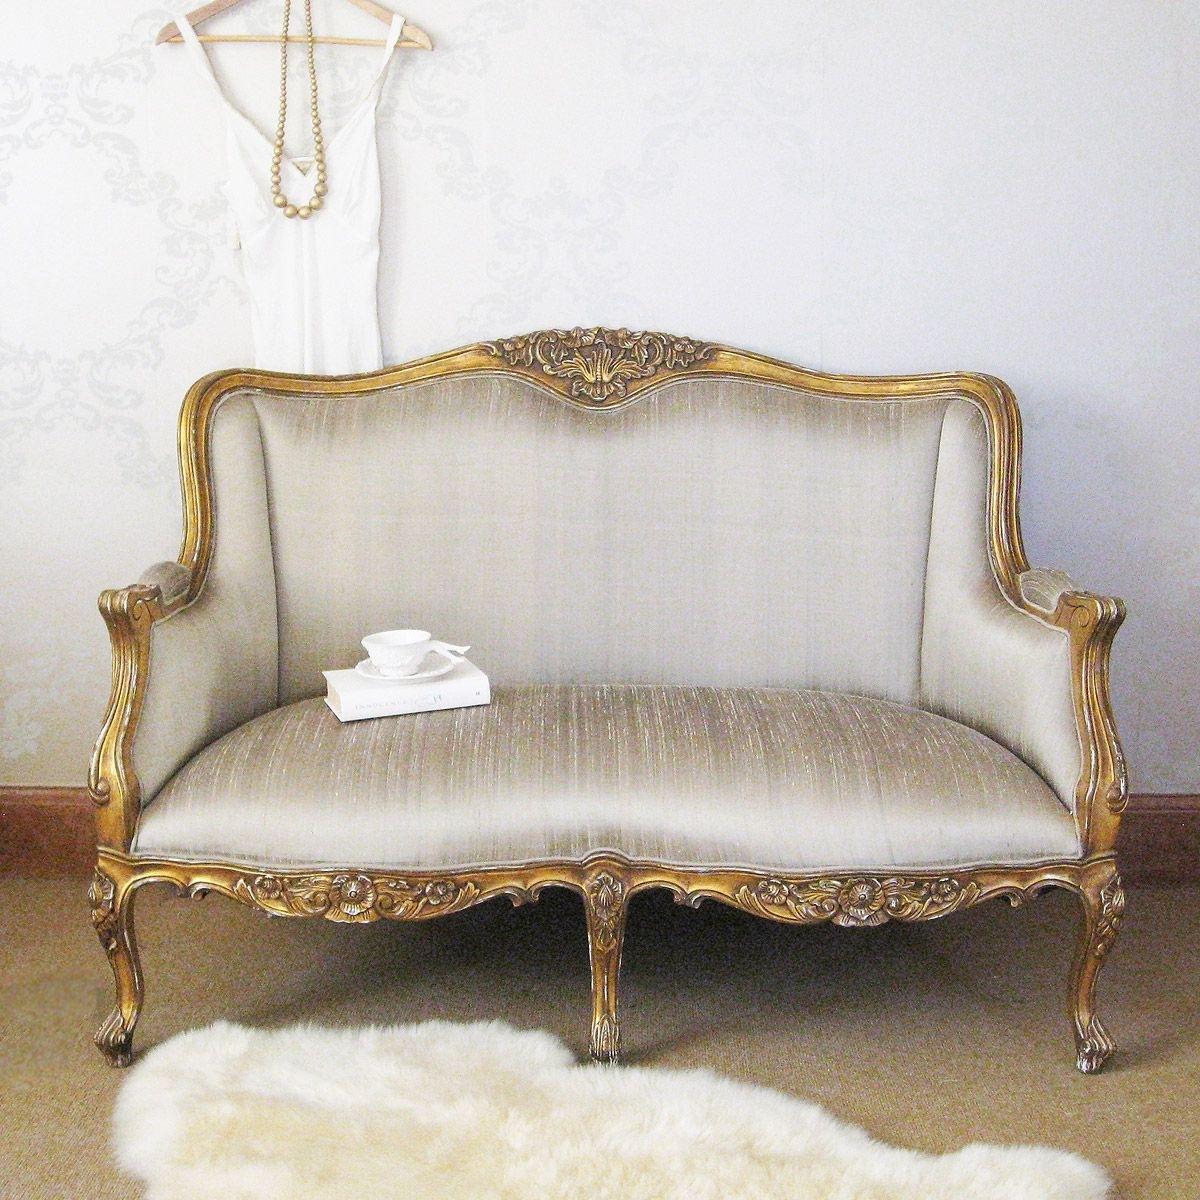 Versailles Gold Bedroom Sofa | Bedroom Sofa, Versailles And Sofa Sofa Pertaining To Bedroom Sofas (View 5 of 10)